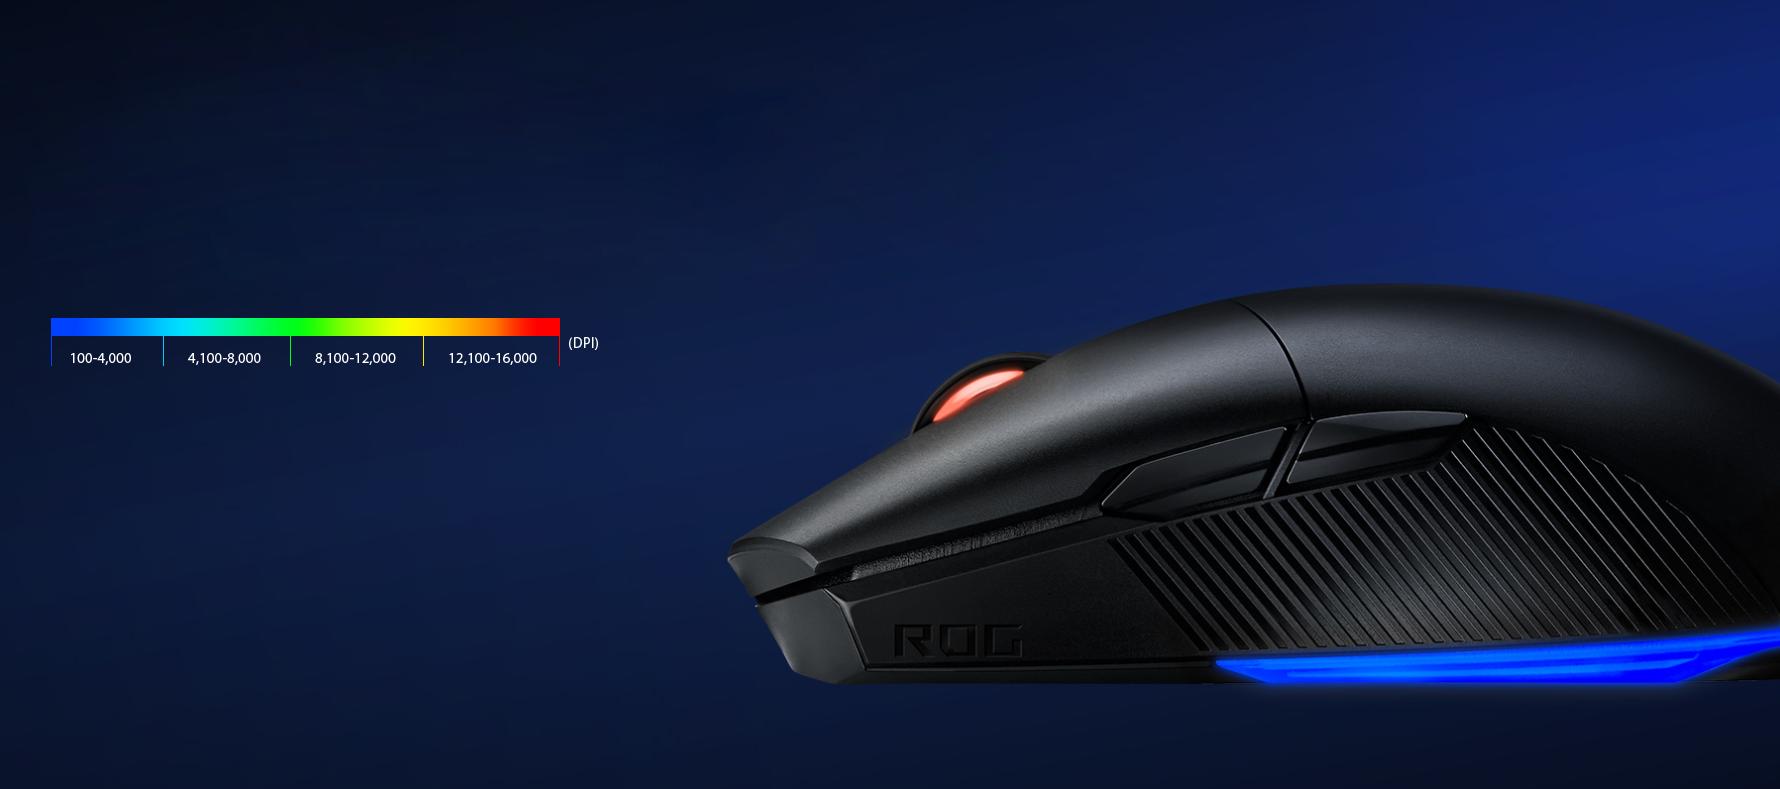 Chuột không dây chơi game Asus ROG Pugio II (P705) (USB/RGB/Đen) có thể tuỳ chỉnh DPI dễ dàng